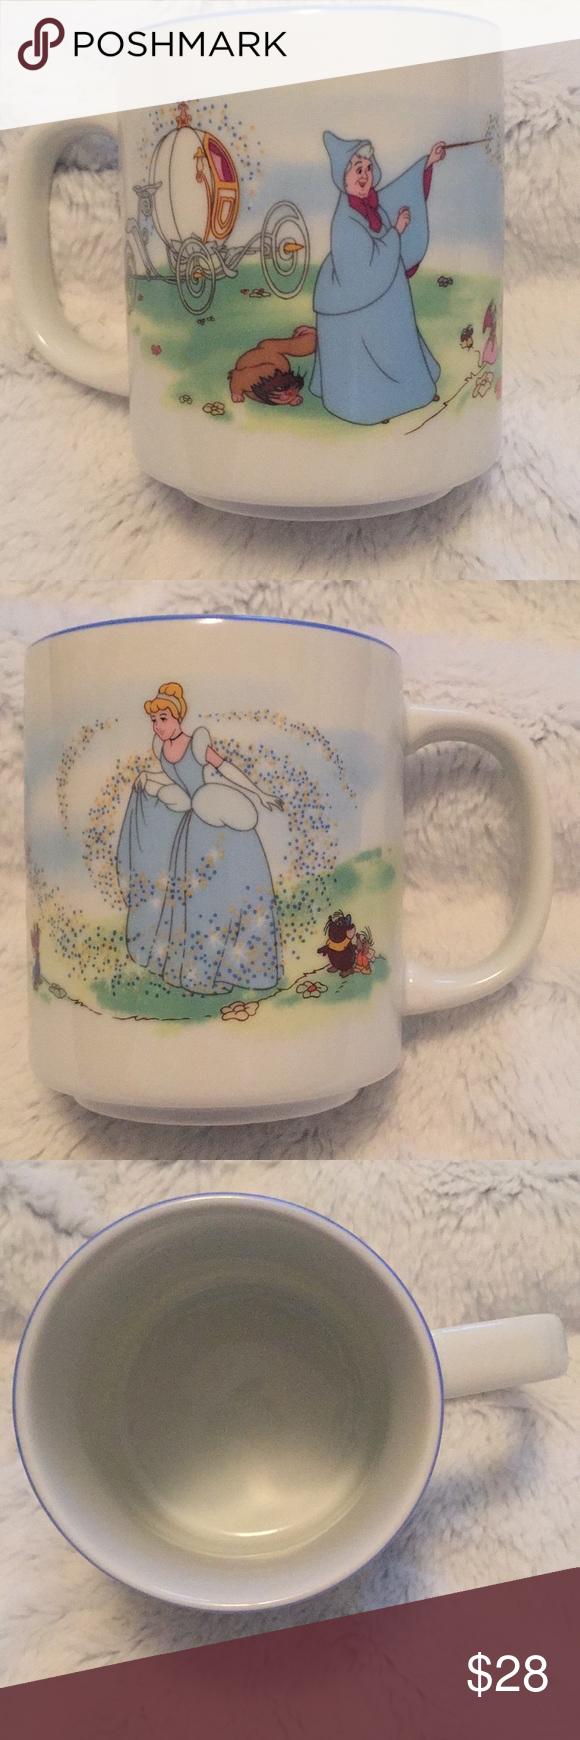 EUC vintage Disneyland Cinderella coffee mug EUC  Disneyland Cinderella  Coffee mug Dining Drinkware #myposhpicks